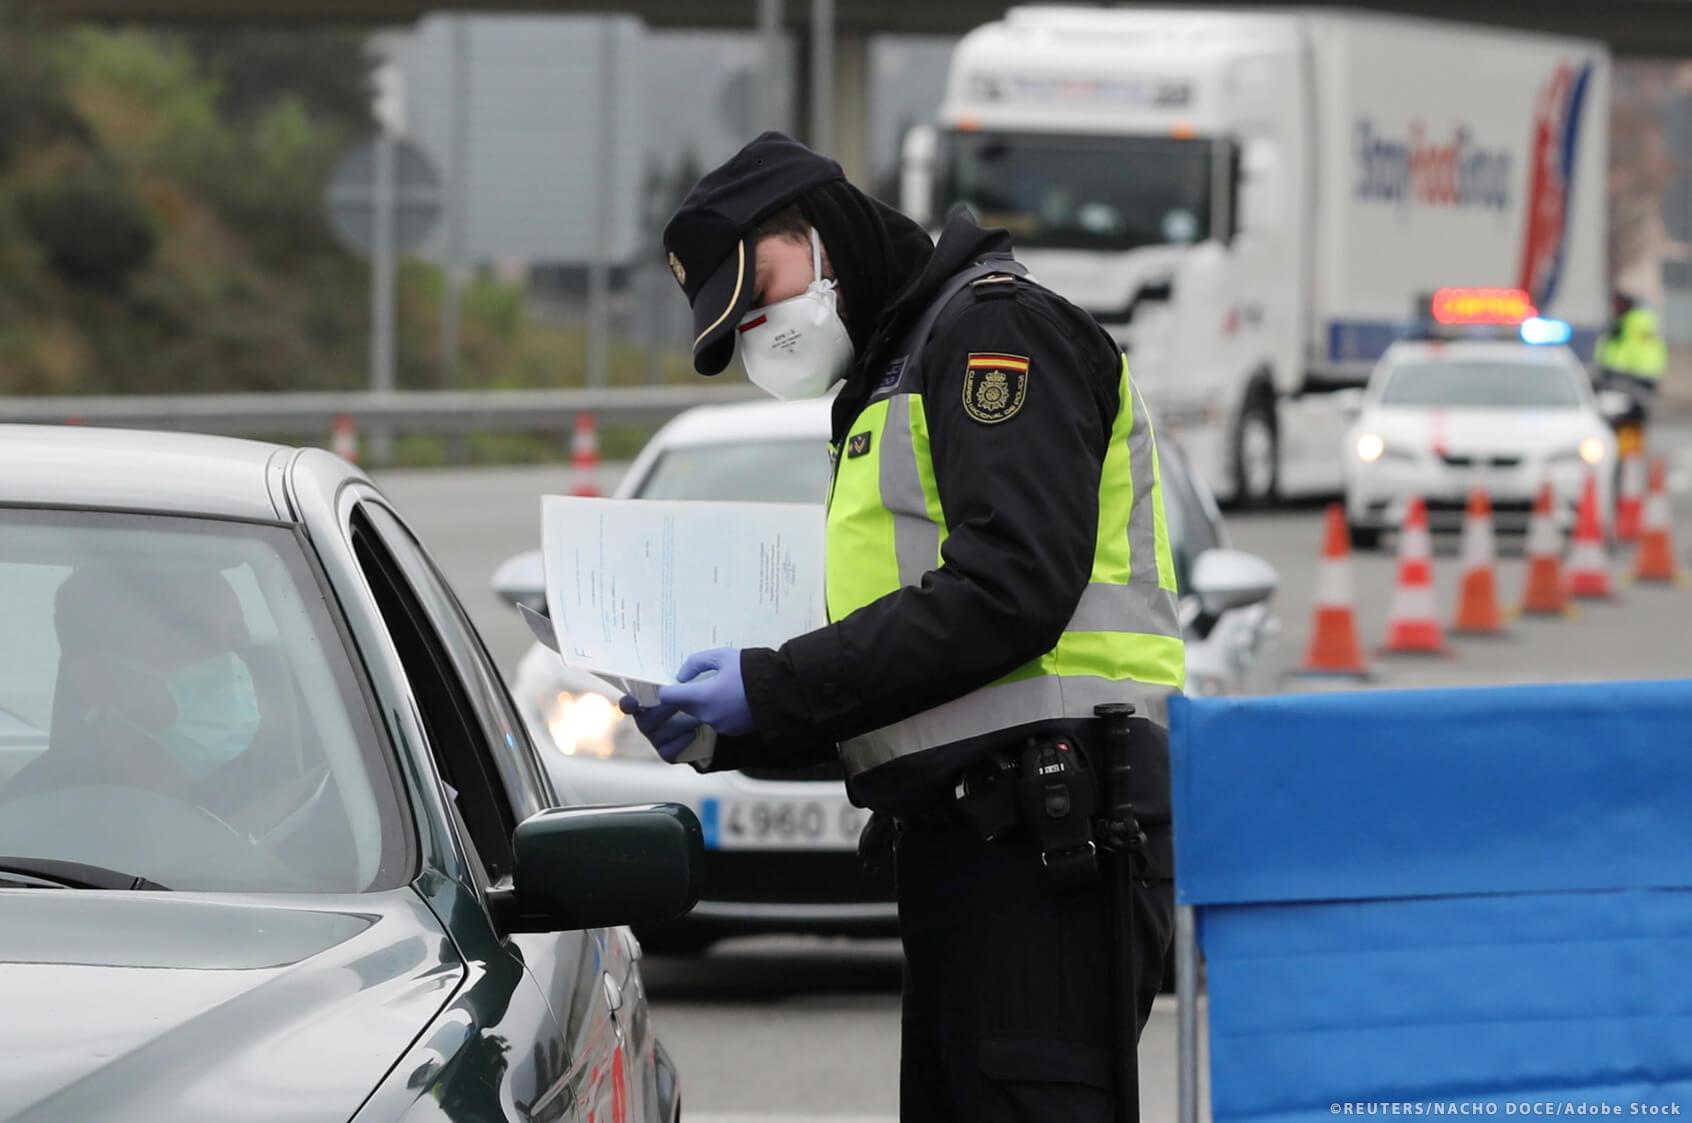 """Sunkvežimių vairuotojams vėl taikomi apribojimai. Šioje šalyje be """"karantino deklaracijos"""" jiems gresia baudos"""